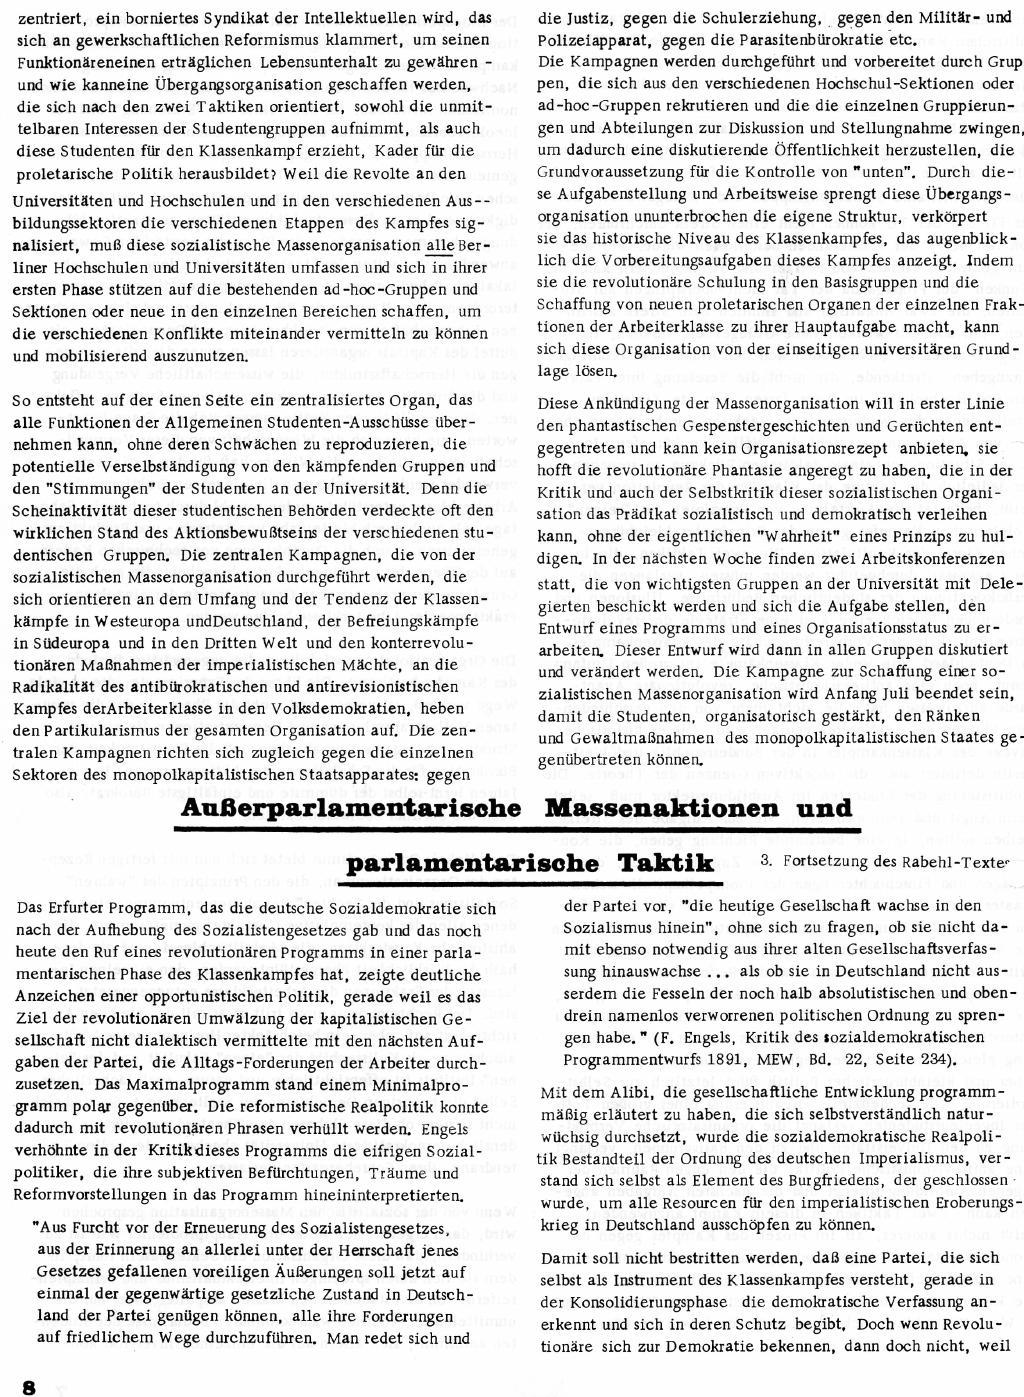 RPK_1969_015_08